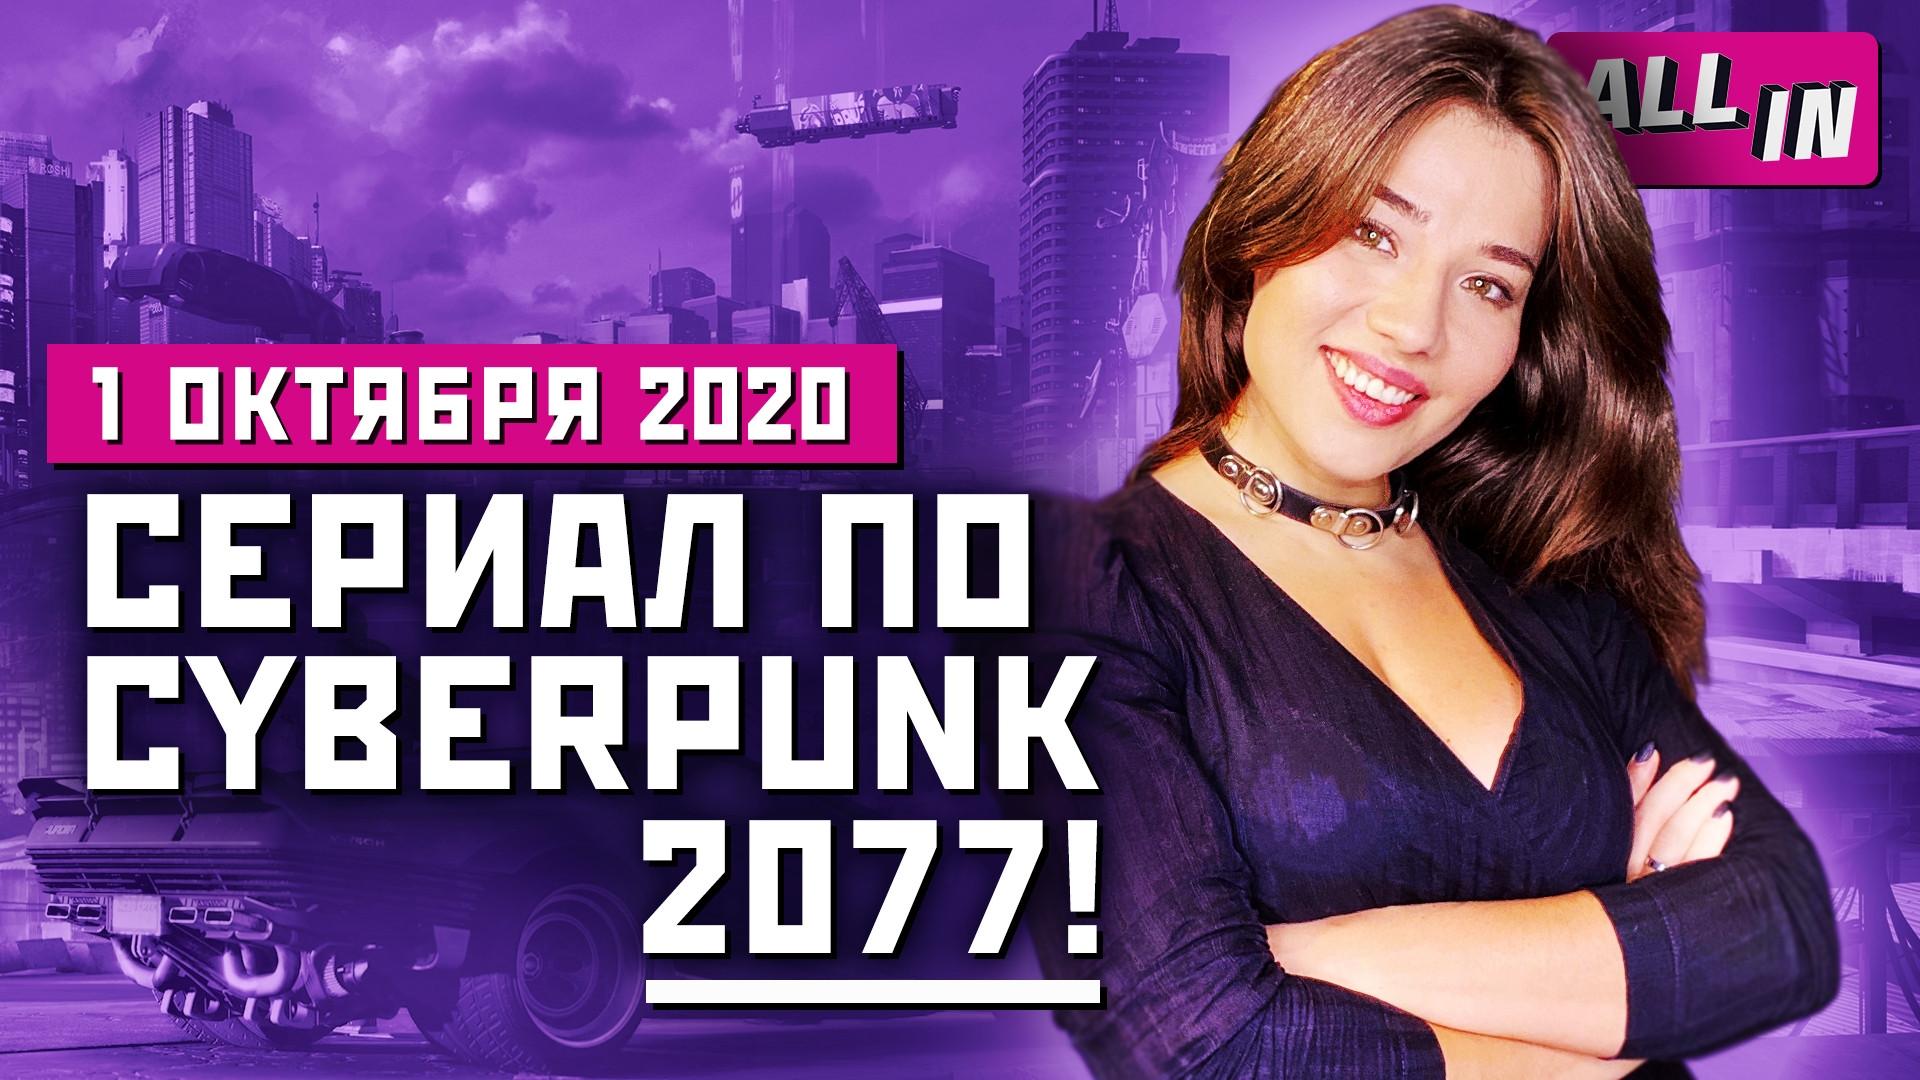 Новый Человек-паук, сериал Cyberpunk 2077, PS5 без The Elder Scrolls6. Игровые новости ALL IN1.10